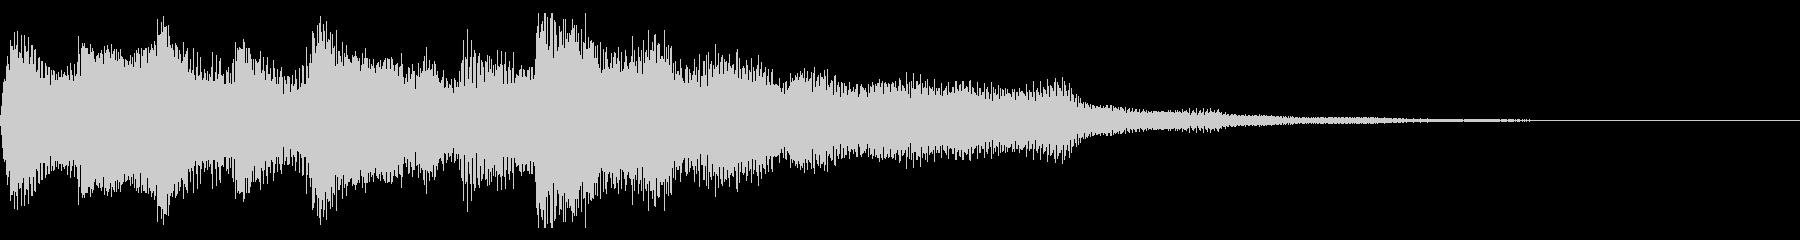 クリーンギター 場面転換 CMインの未再生の波形